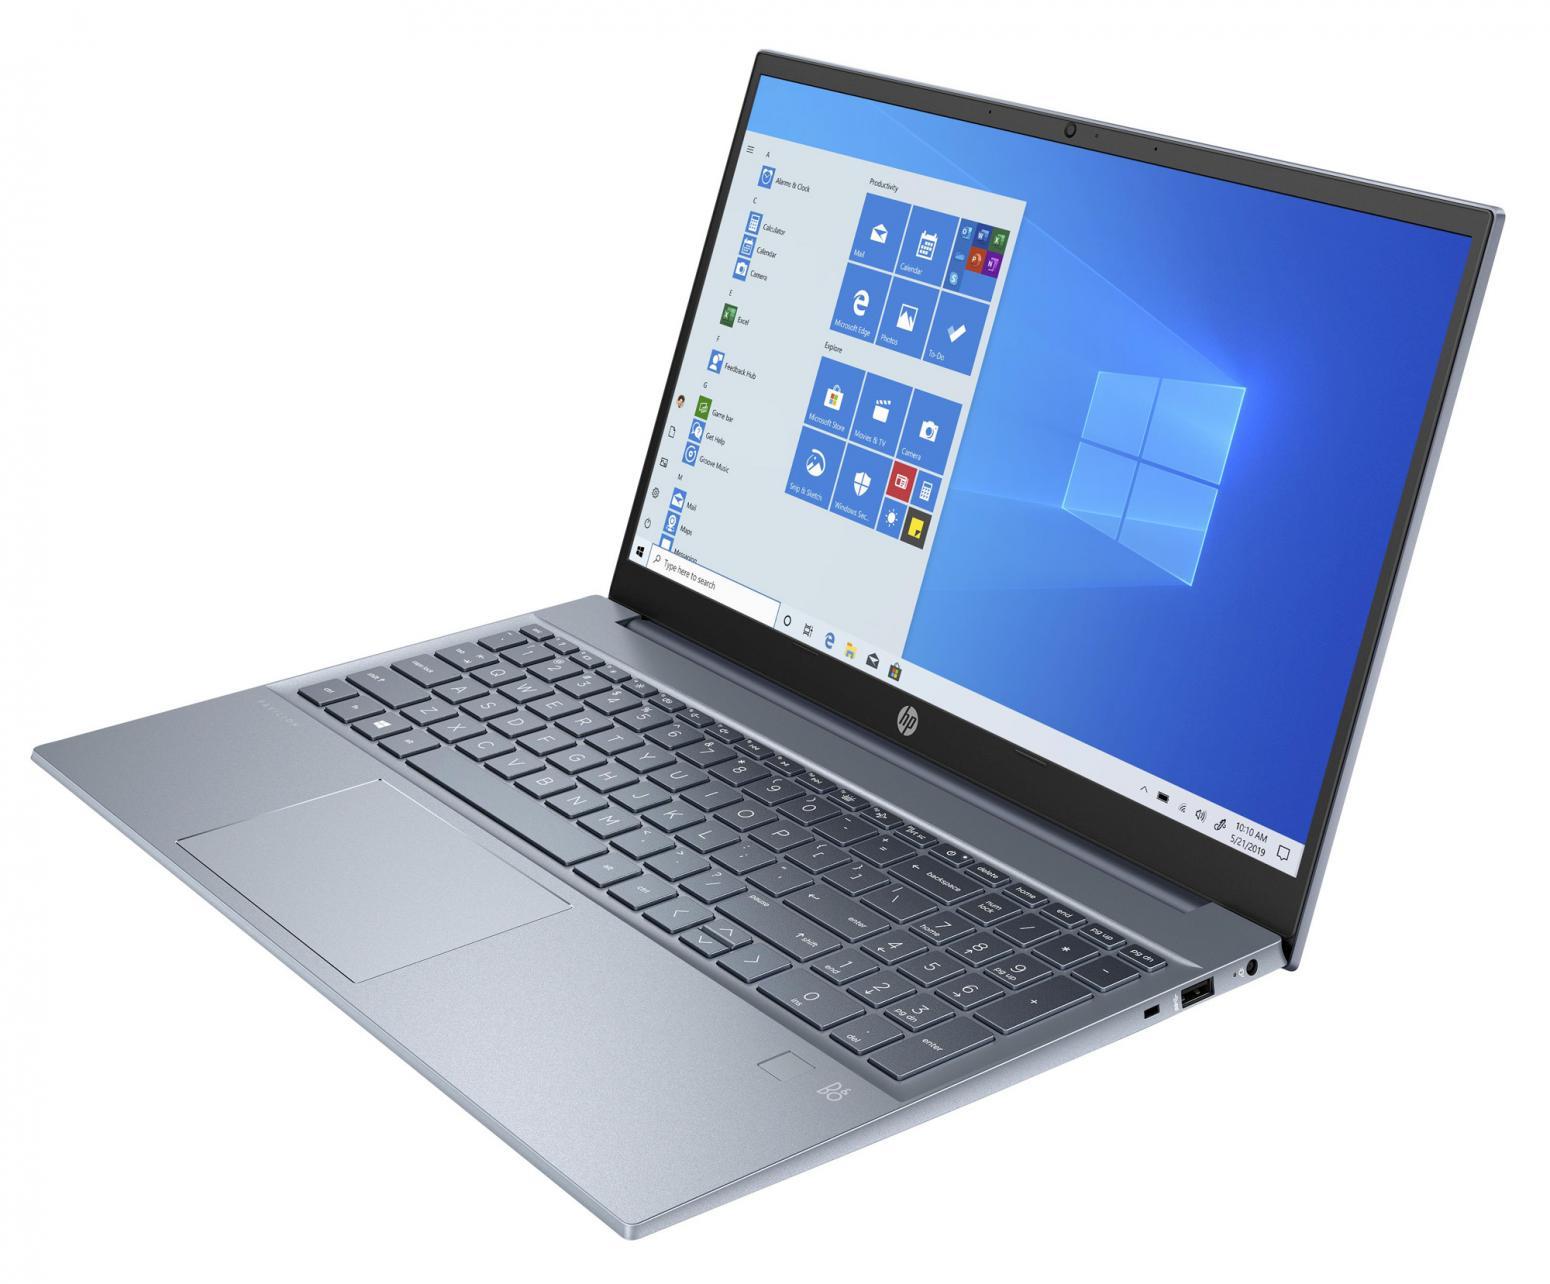 Ordinateur portable HP Pavilion 15-eh0005nf Bleu - Ryzen 7 Octo Core - photo 3